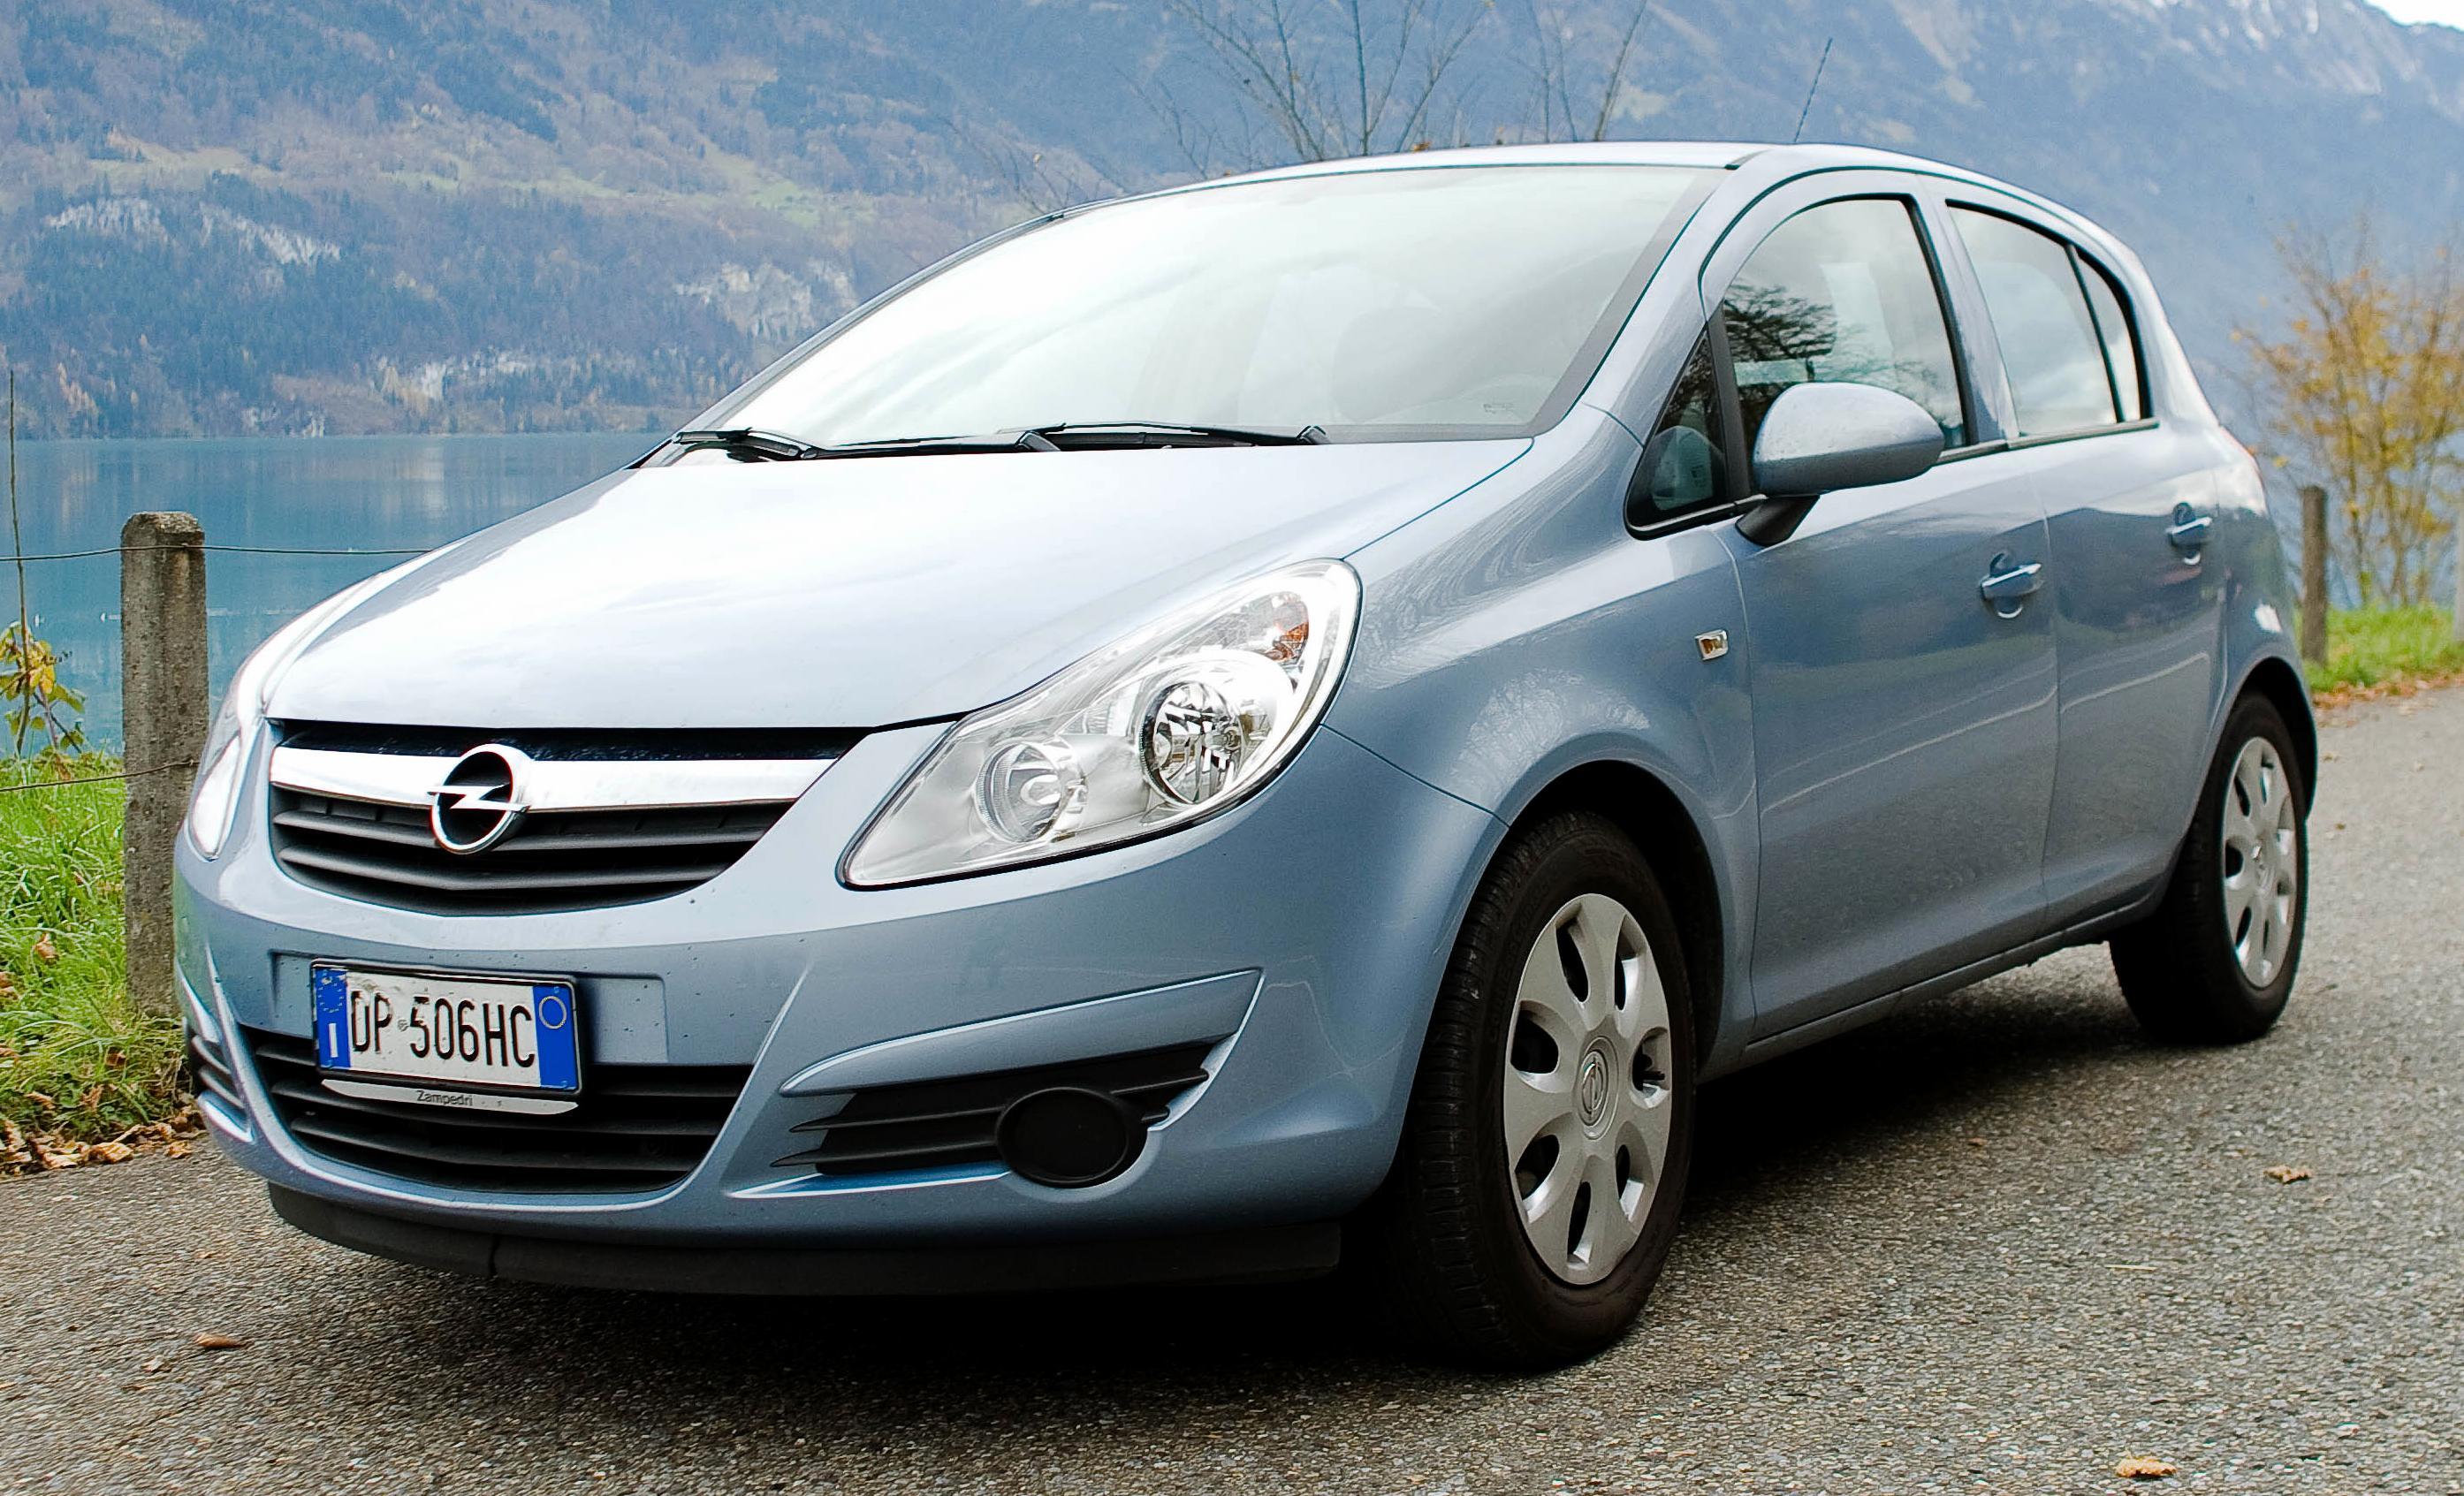 Opel Combo C Restyling 2003 - 2011 Compact MPV #4